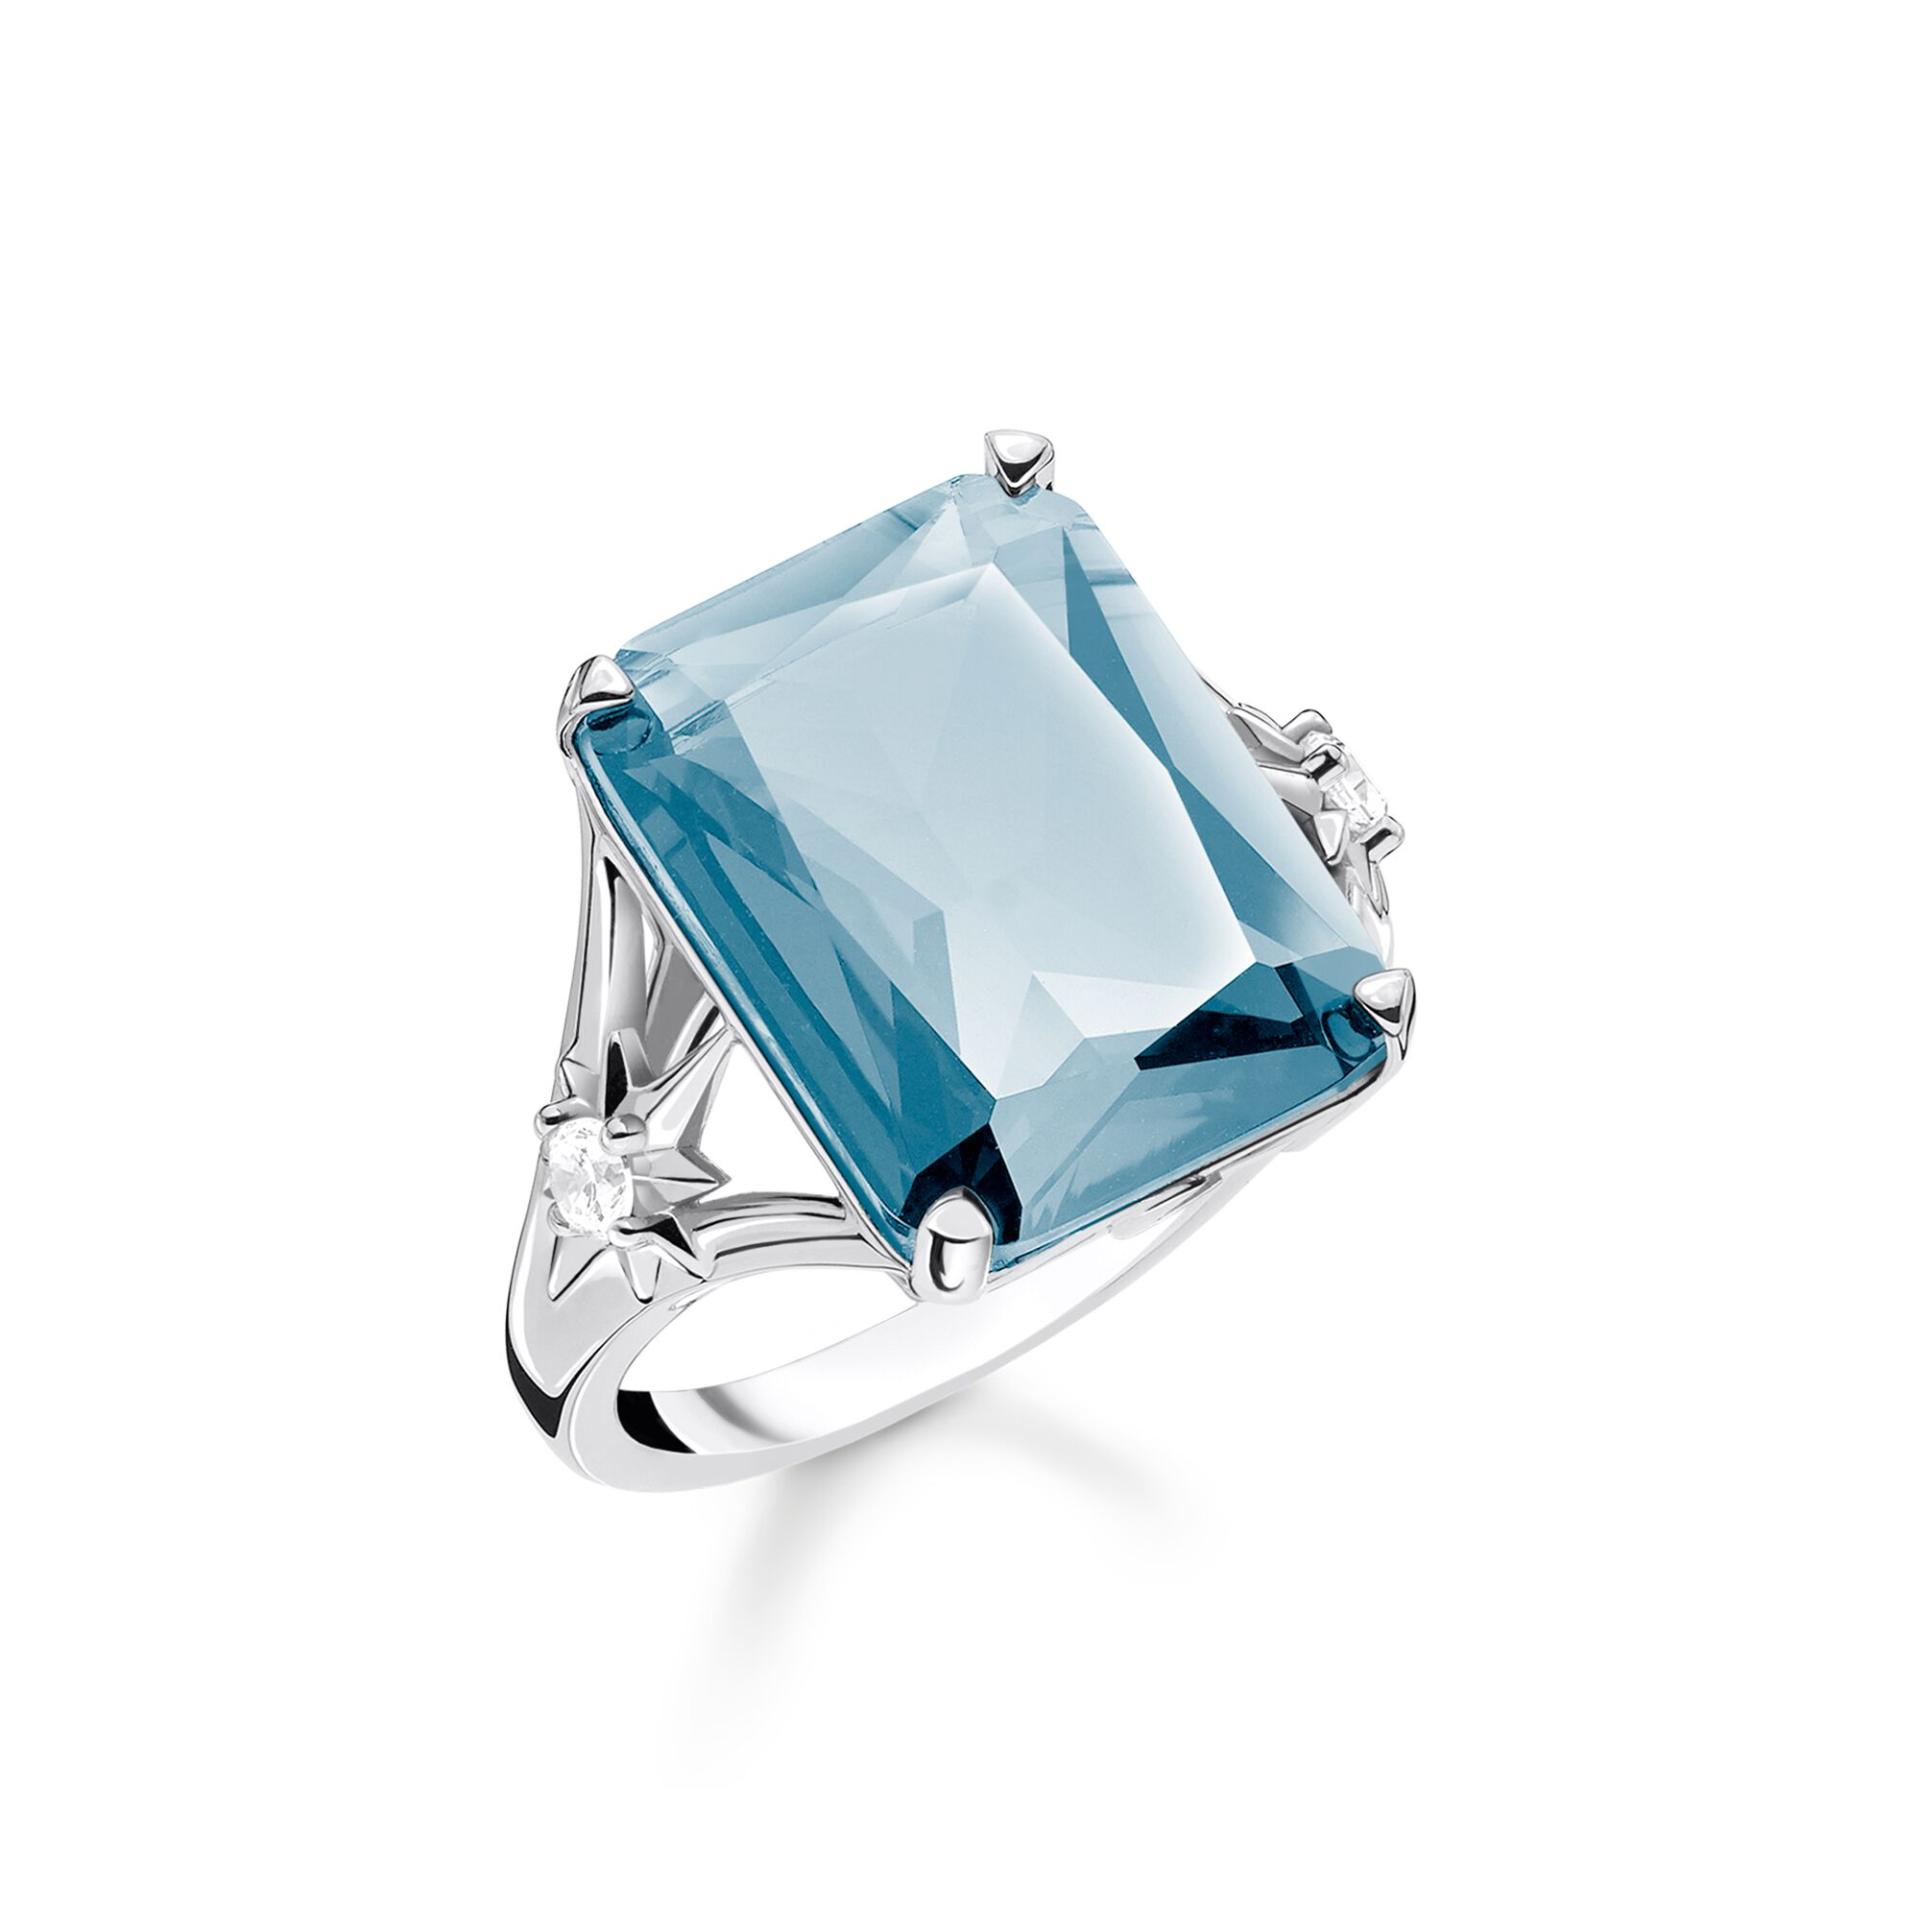 Bague femme, grande pierre rectangle bleue et argent, Thomas Sabo